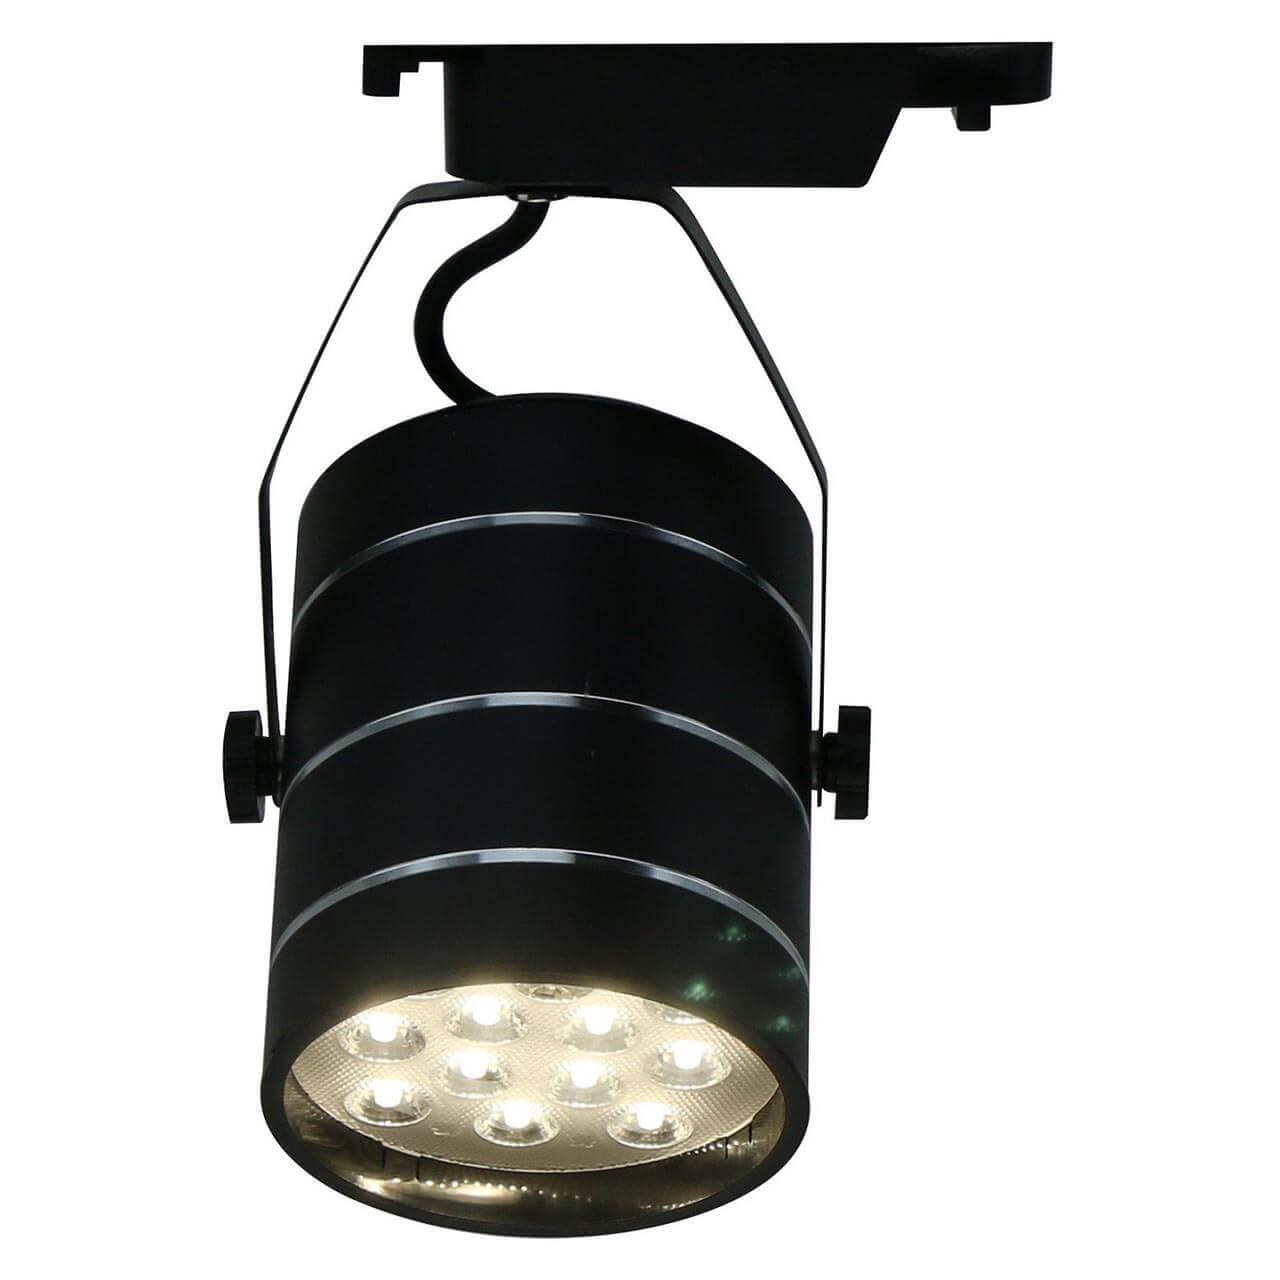 Светильник Arte Lamp A2712PL-1BK Cinto Black потолочный светильник arte lamp cardani black арт a5936pl 1bk